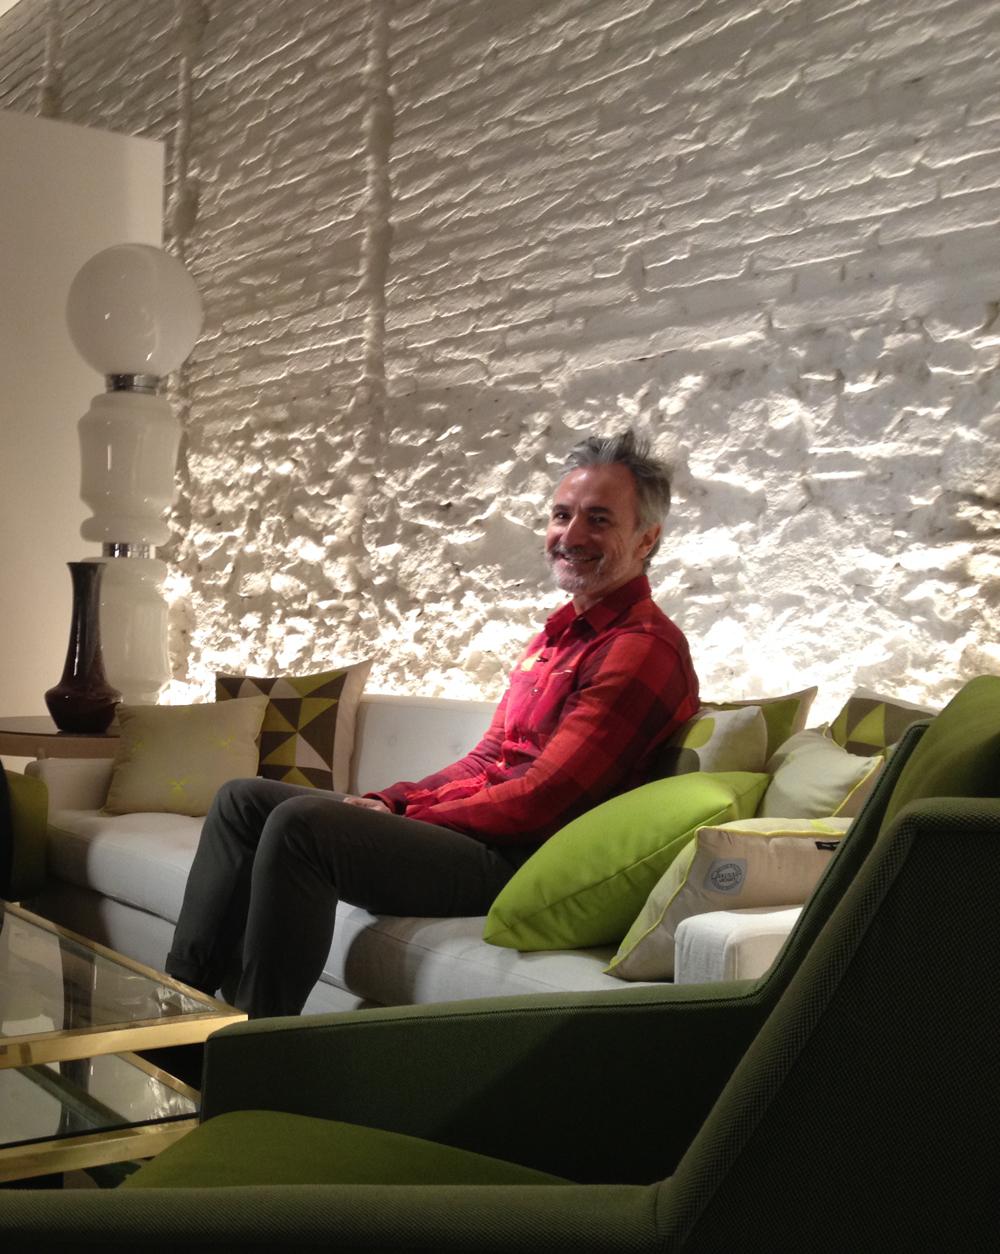 jaime-beriestain-restaurante-barcelona-isabel-nunez-decoracion.jpg